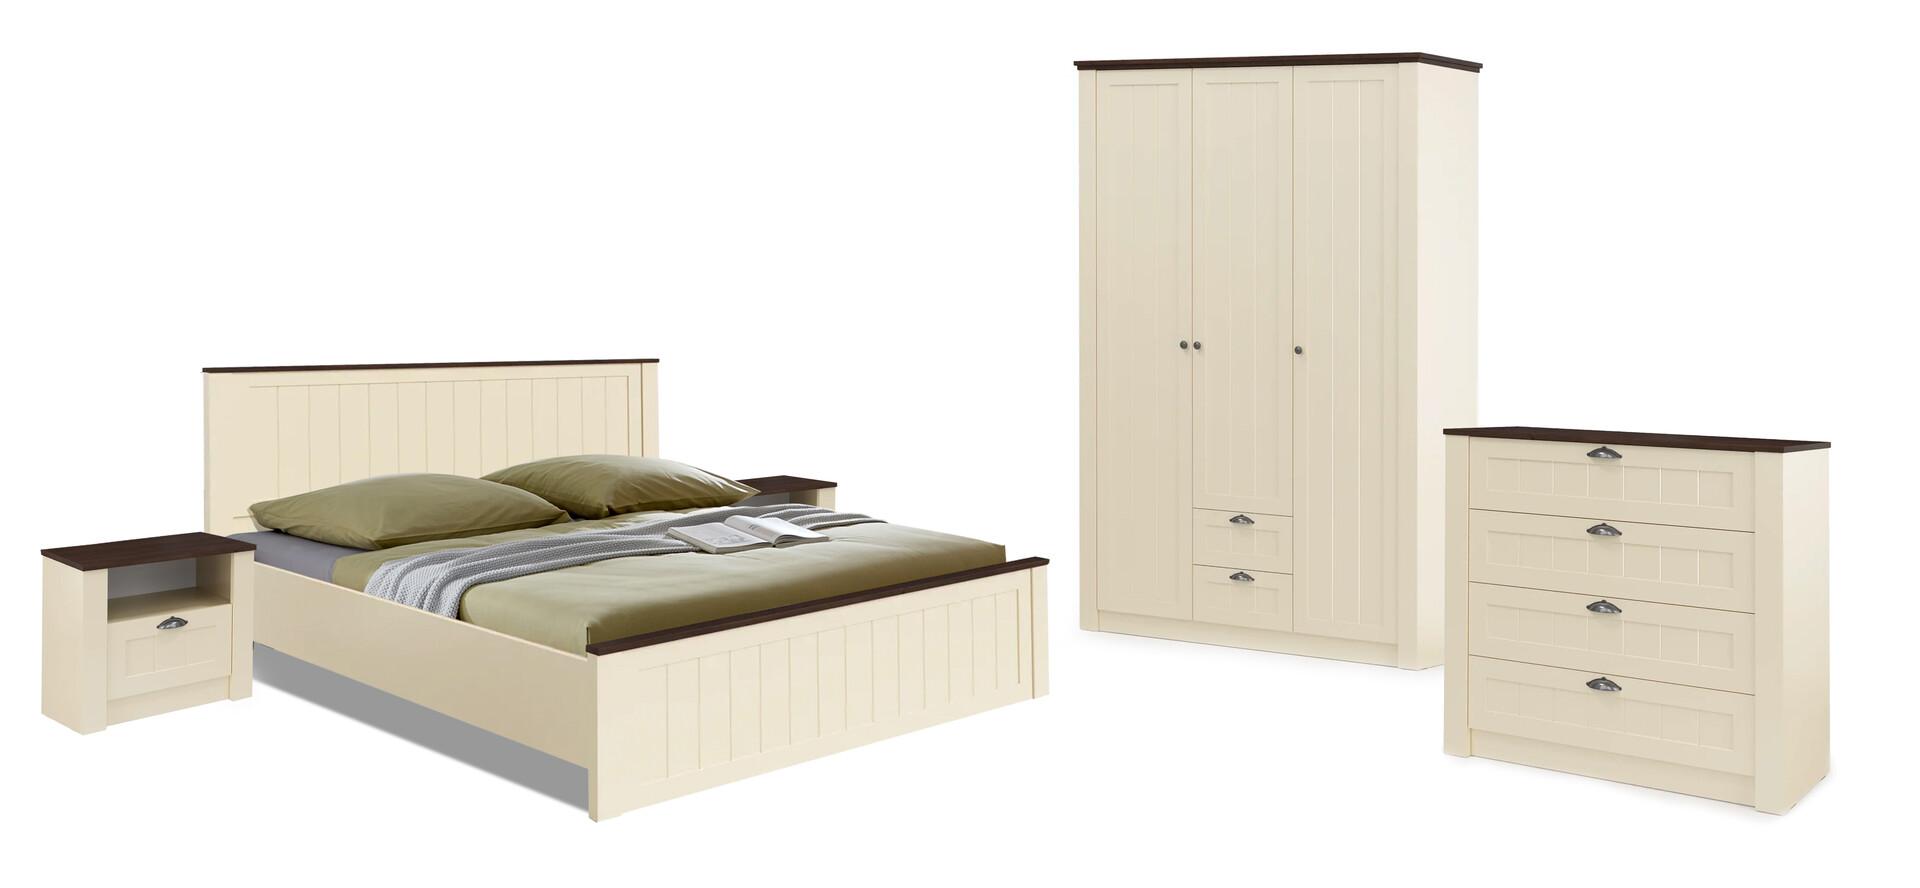 Комплект мебели для спальни Прованс (бежевый/дуб кальяри)